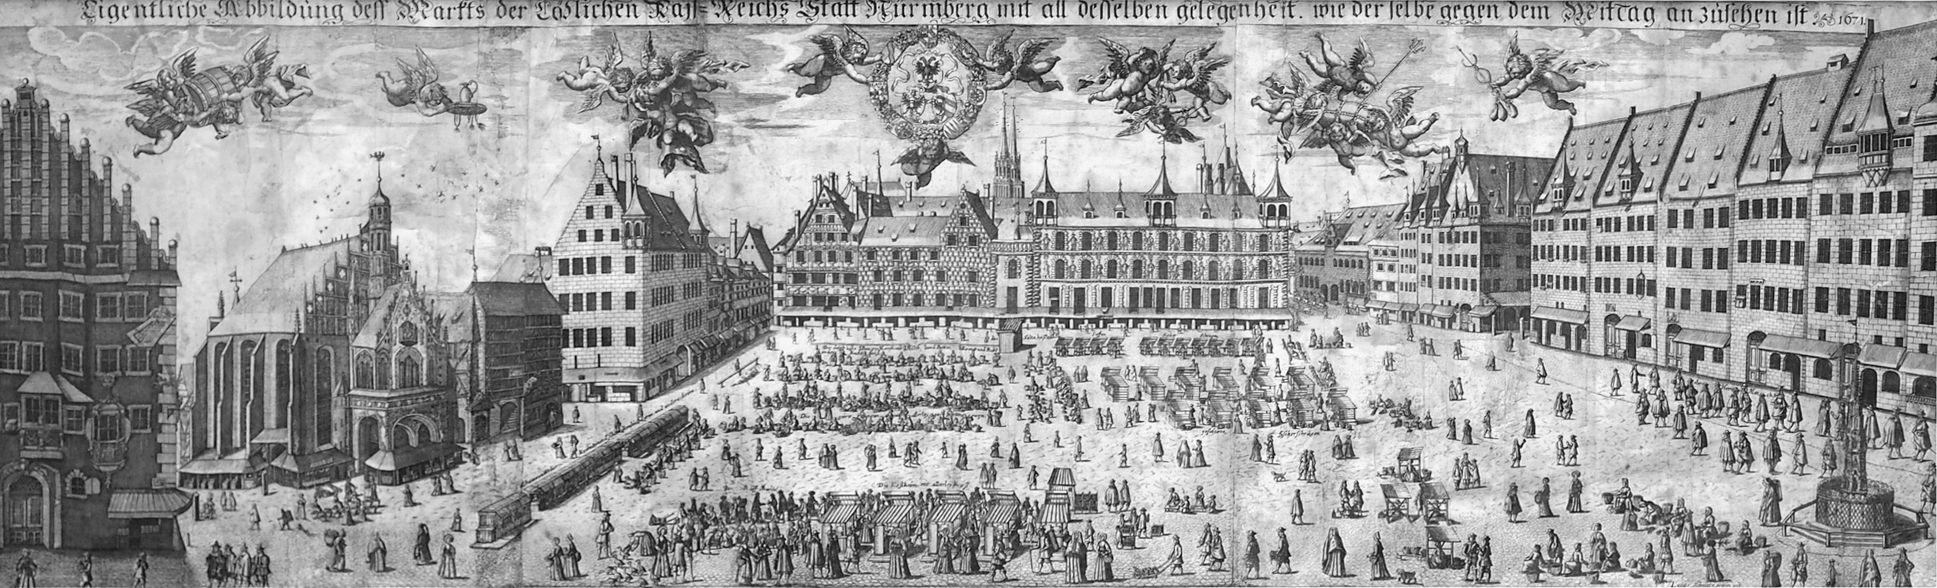 Eigentliche Abbildung dess Markts der Löblichen Kais. Reichs Statt Nurmberg mit all desselben gelegenheit, wie derselbe gegen dem Mittag anzusehen ist.